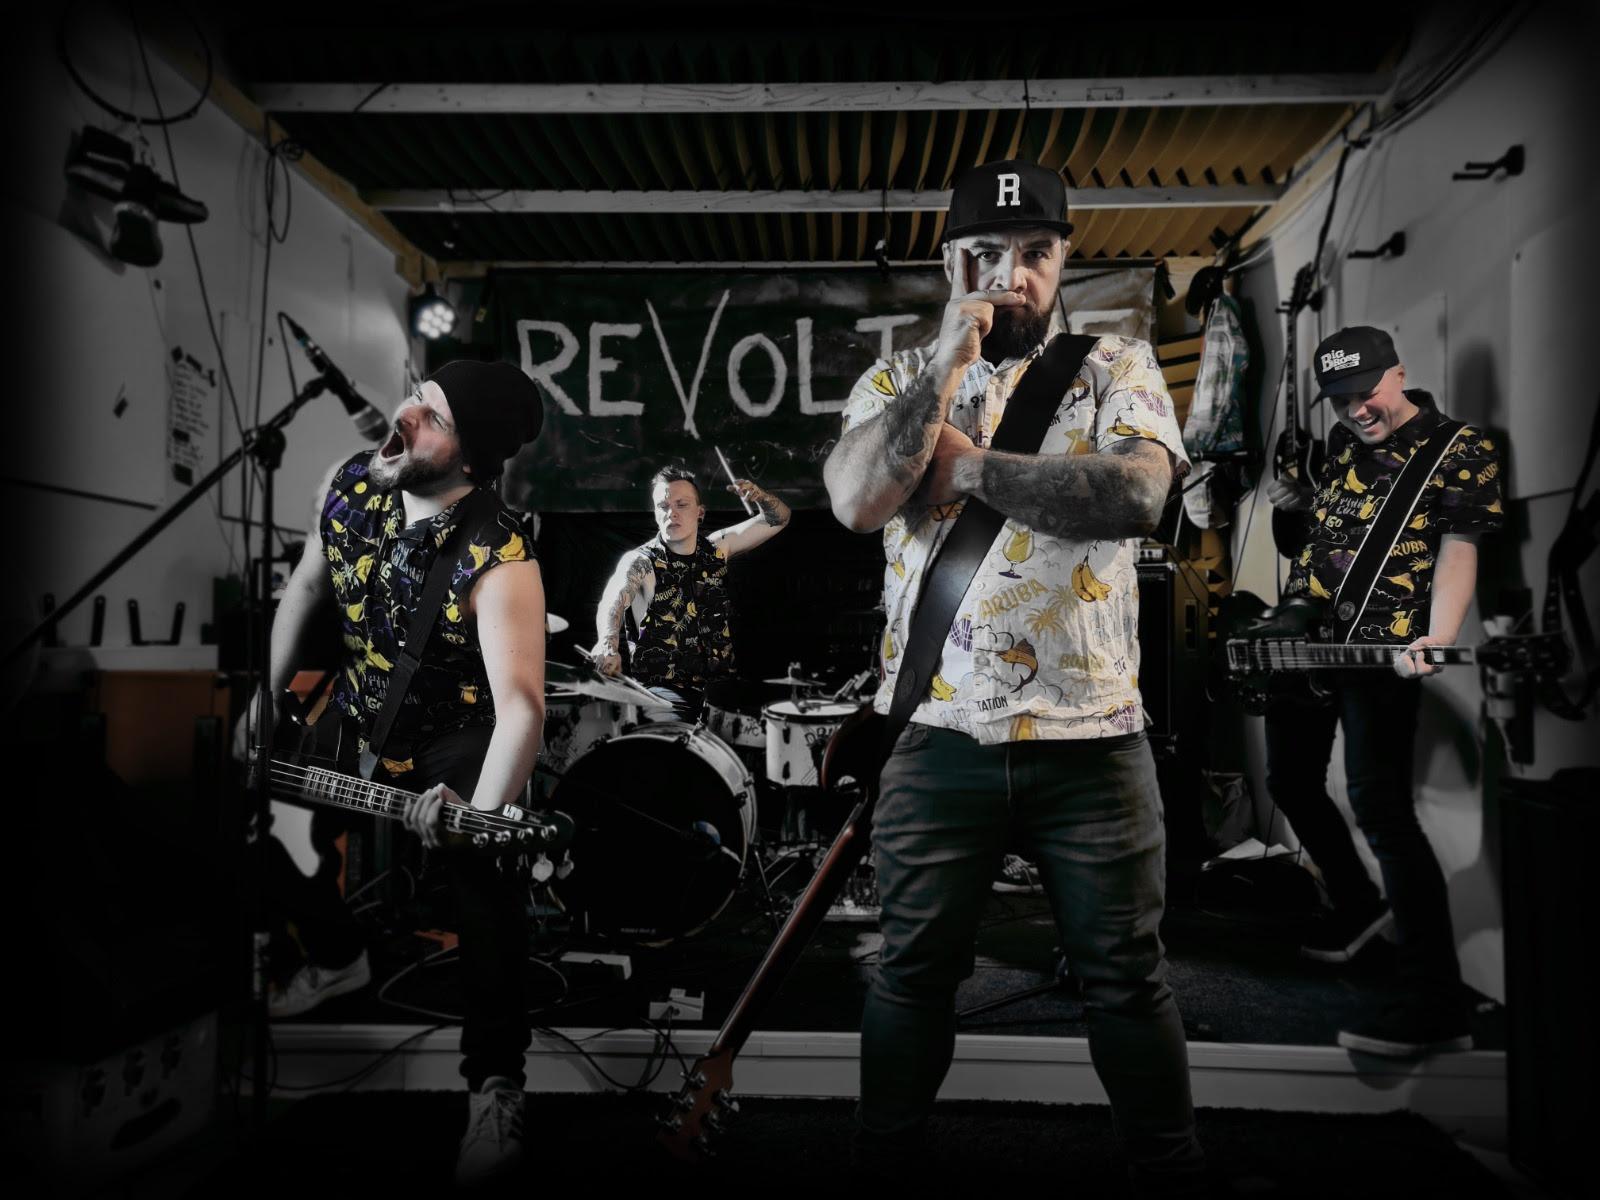 Kotimaisen punk rock -bändi Revoltonen debyyttialbumi julkaistu tänään – bändi soittaa streamkeikan illalla